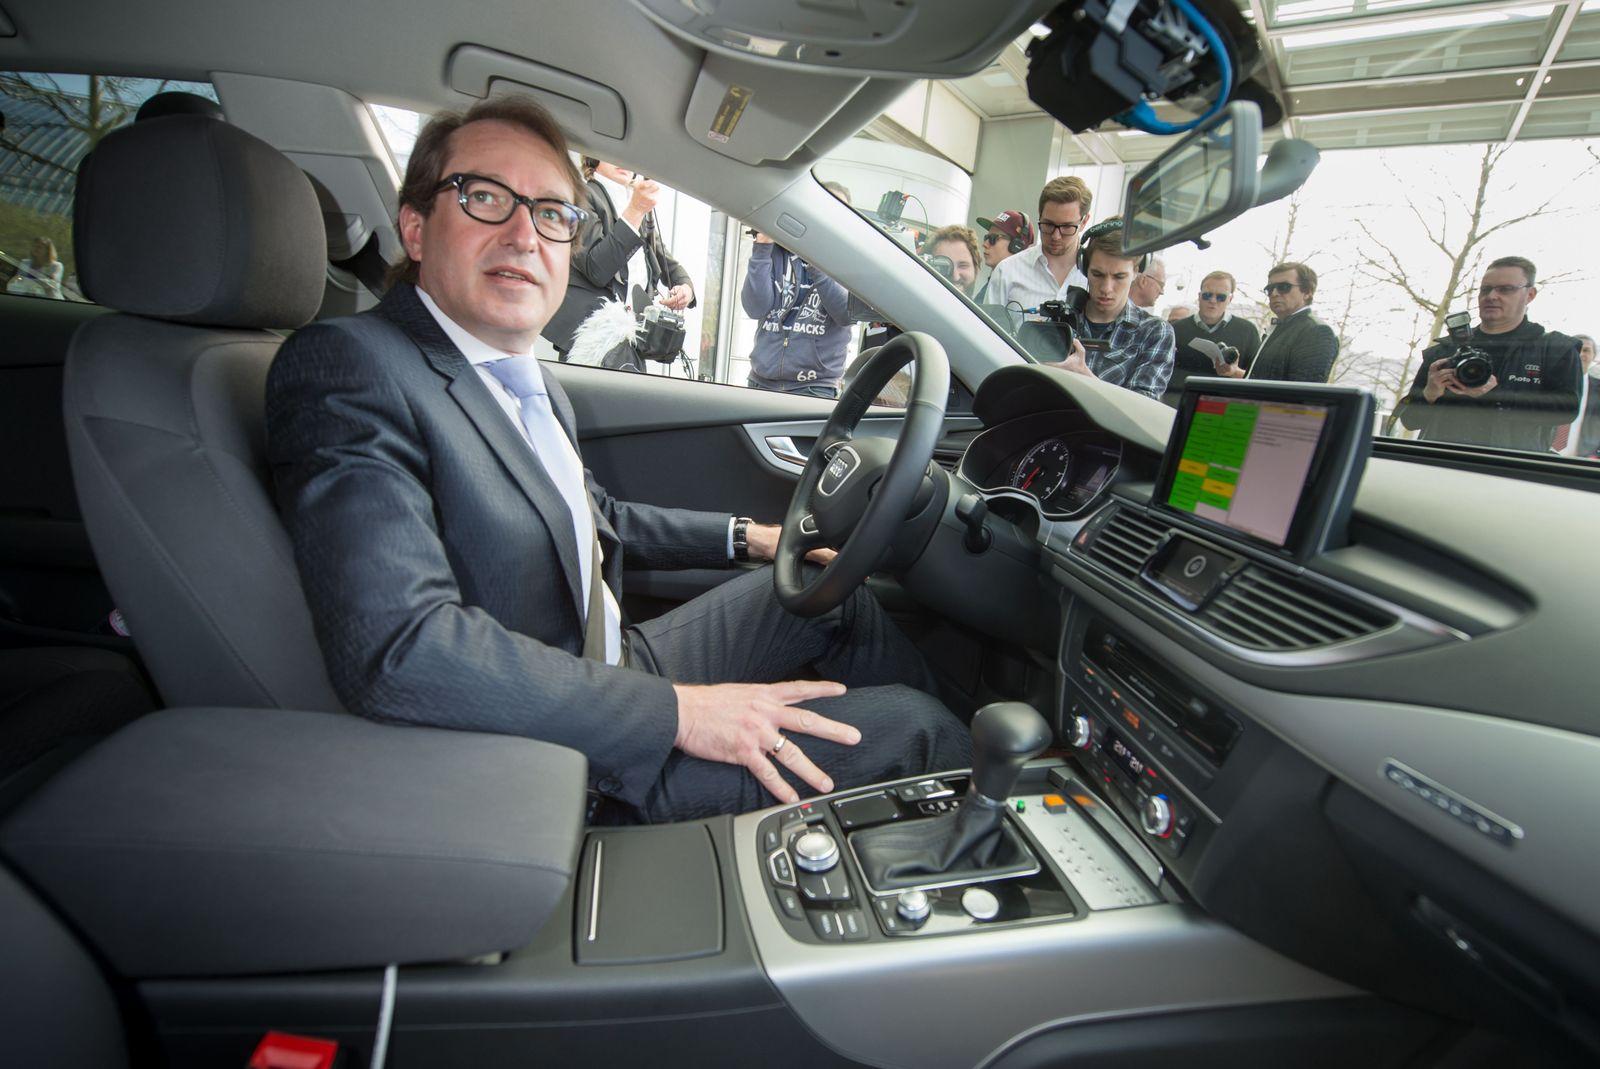 Audi Abgaswerte/ Dobrinth testet Audi A7